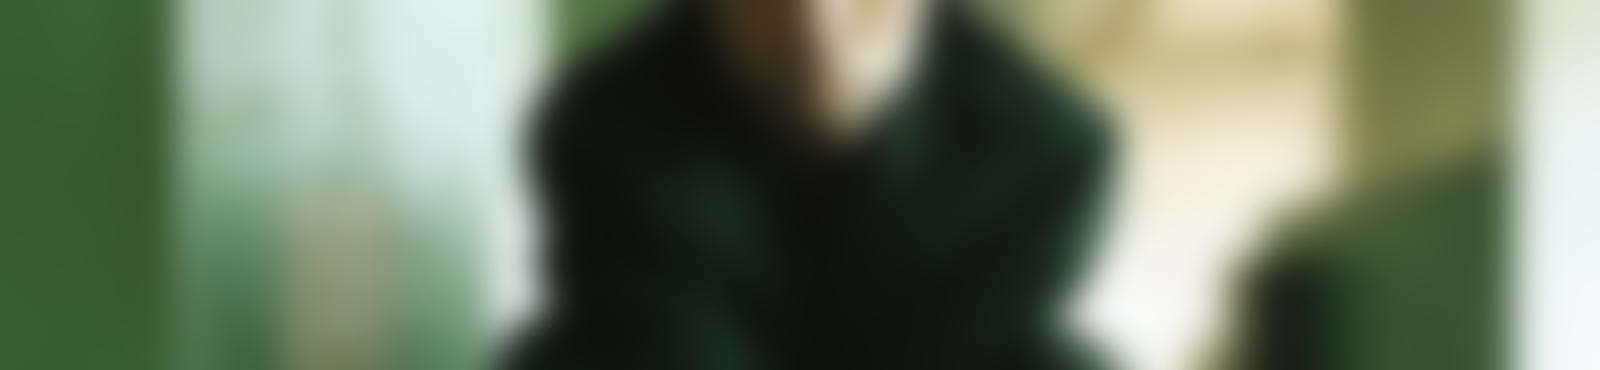 Blurred 77b946bf 1896 4587 aa9f 6c79496f17f6